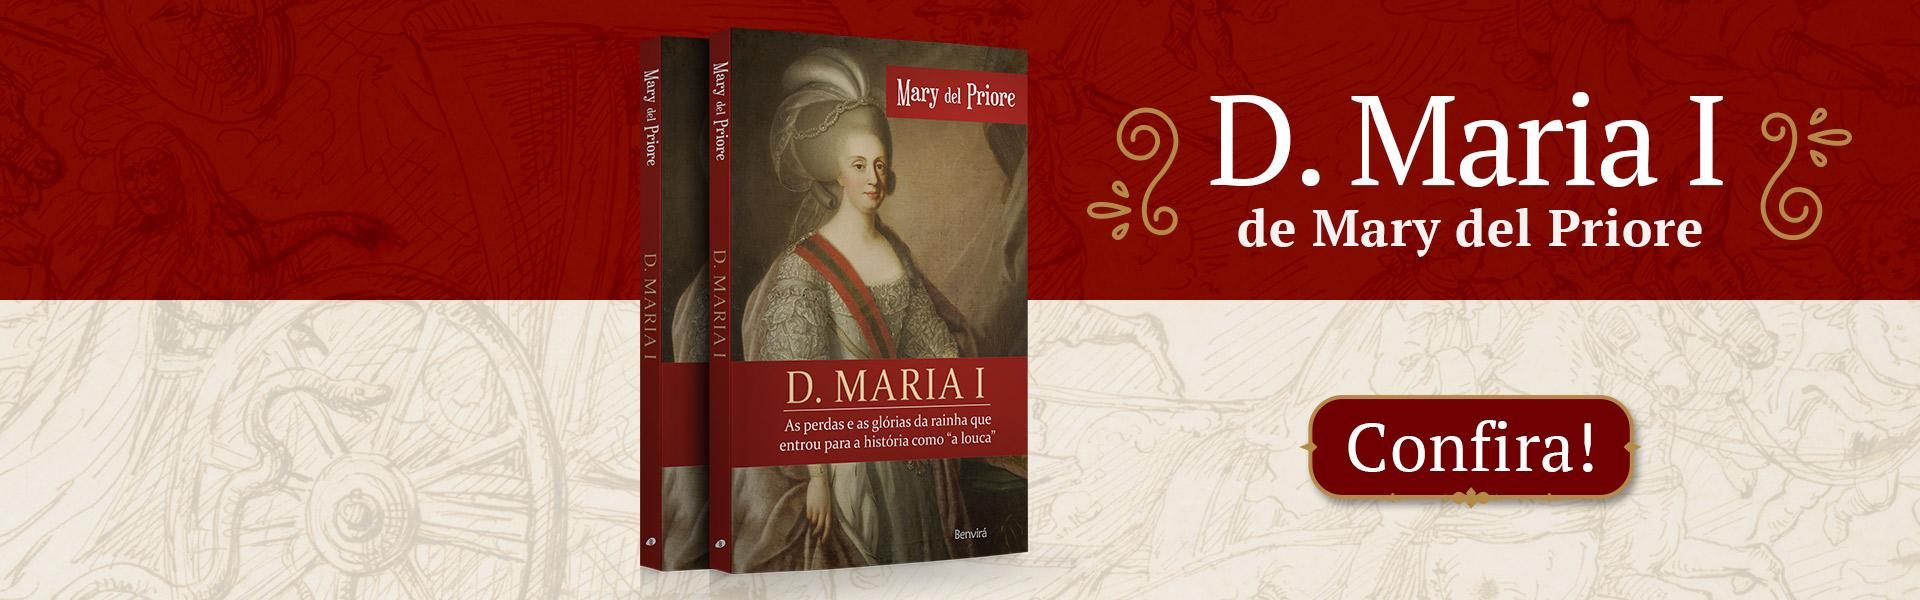 D.Maria